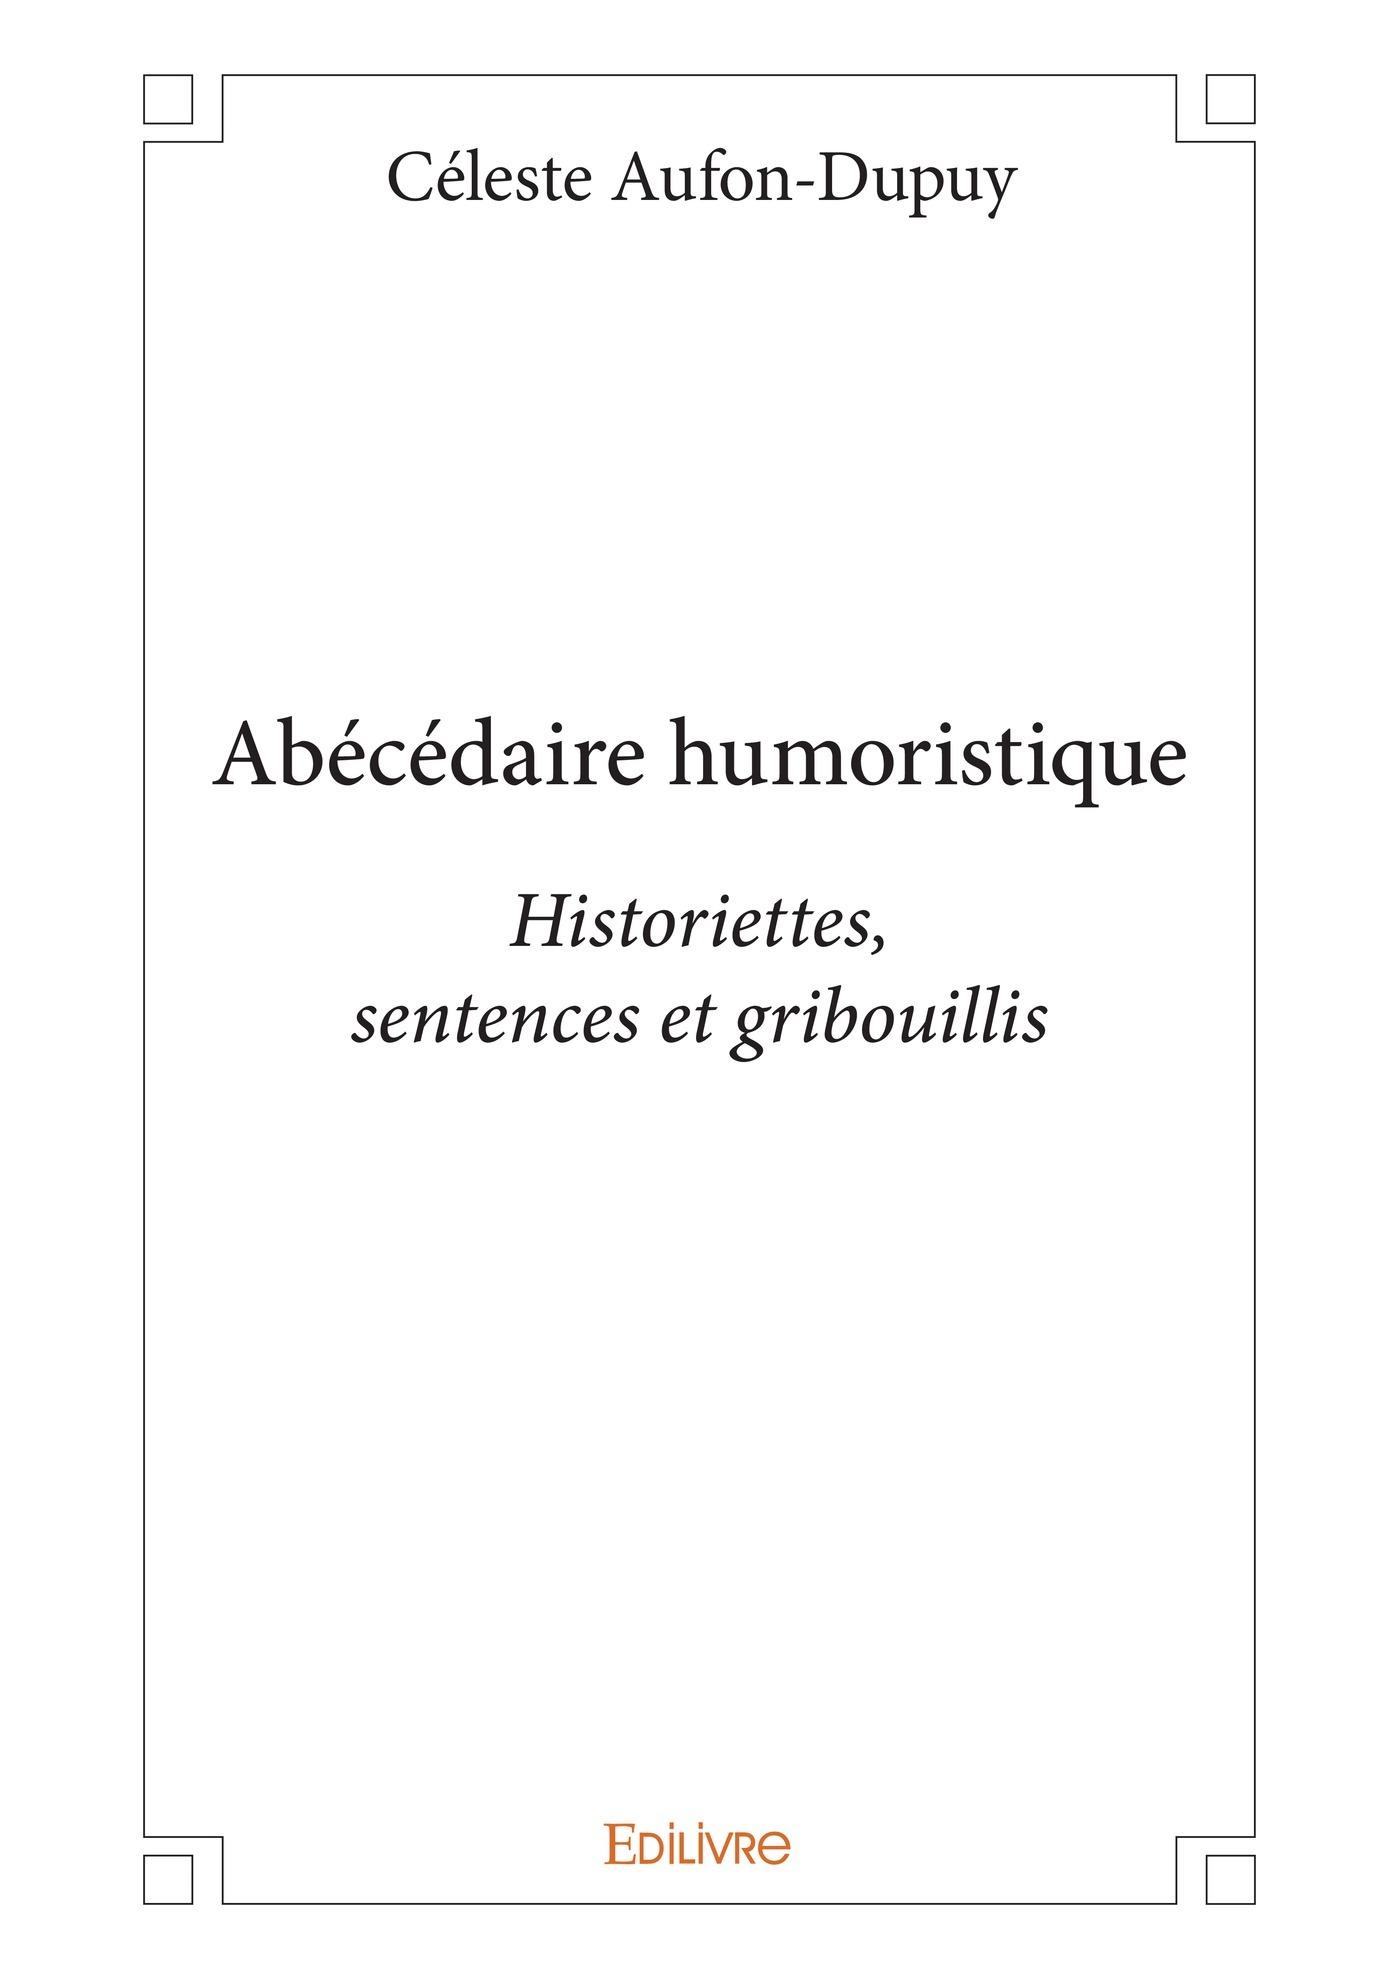 Abécédaire humoristique